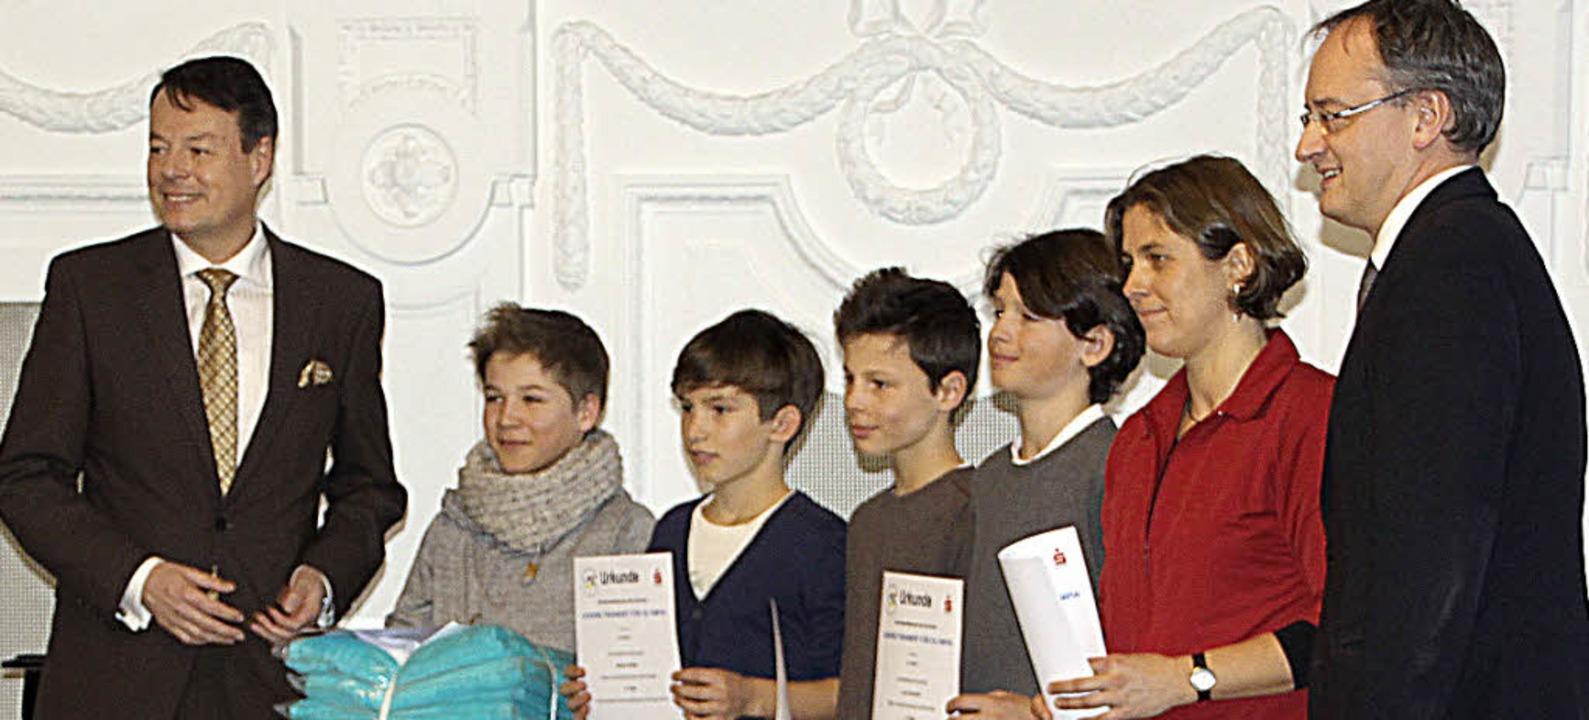 Schüler aus Kirchzarten bei der Ehrung im Kultusministerium.   | Foto: Privat